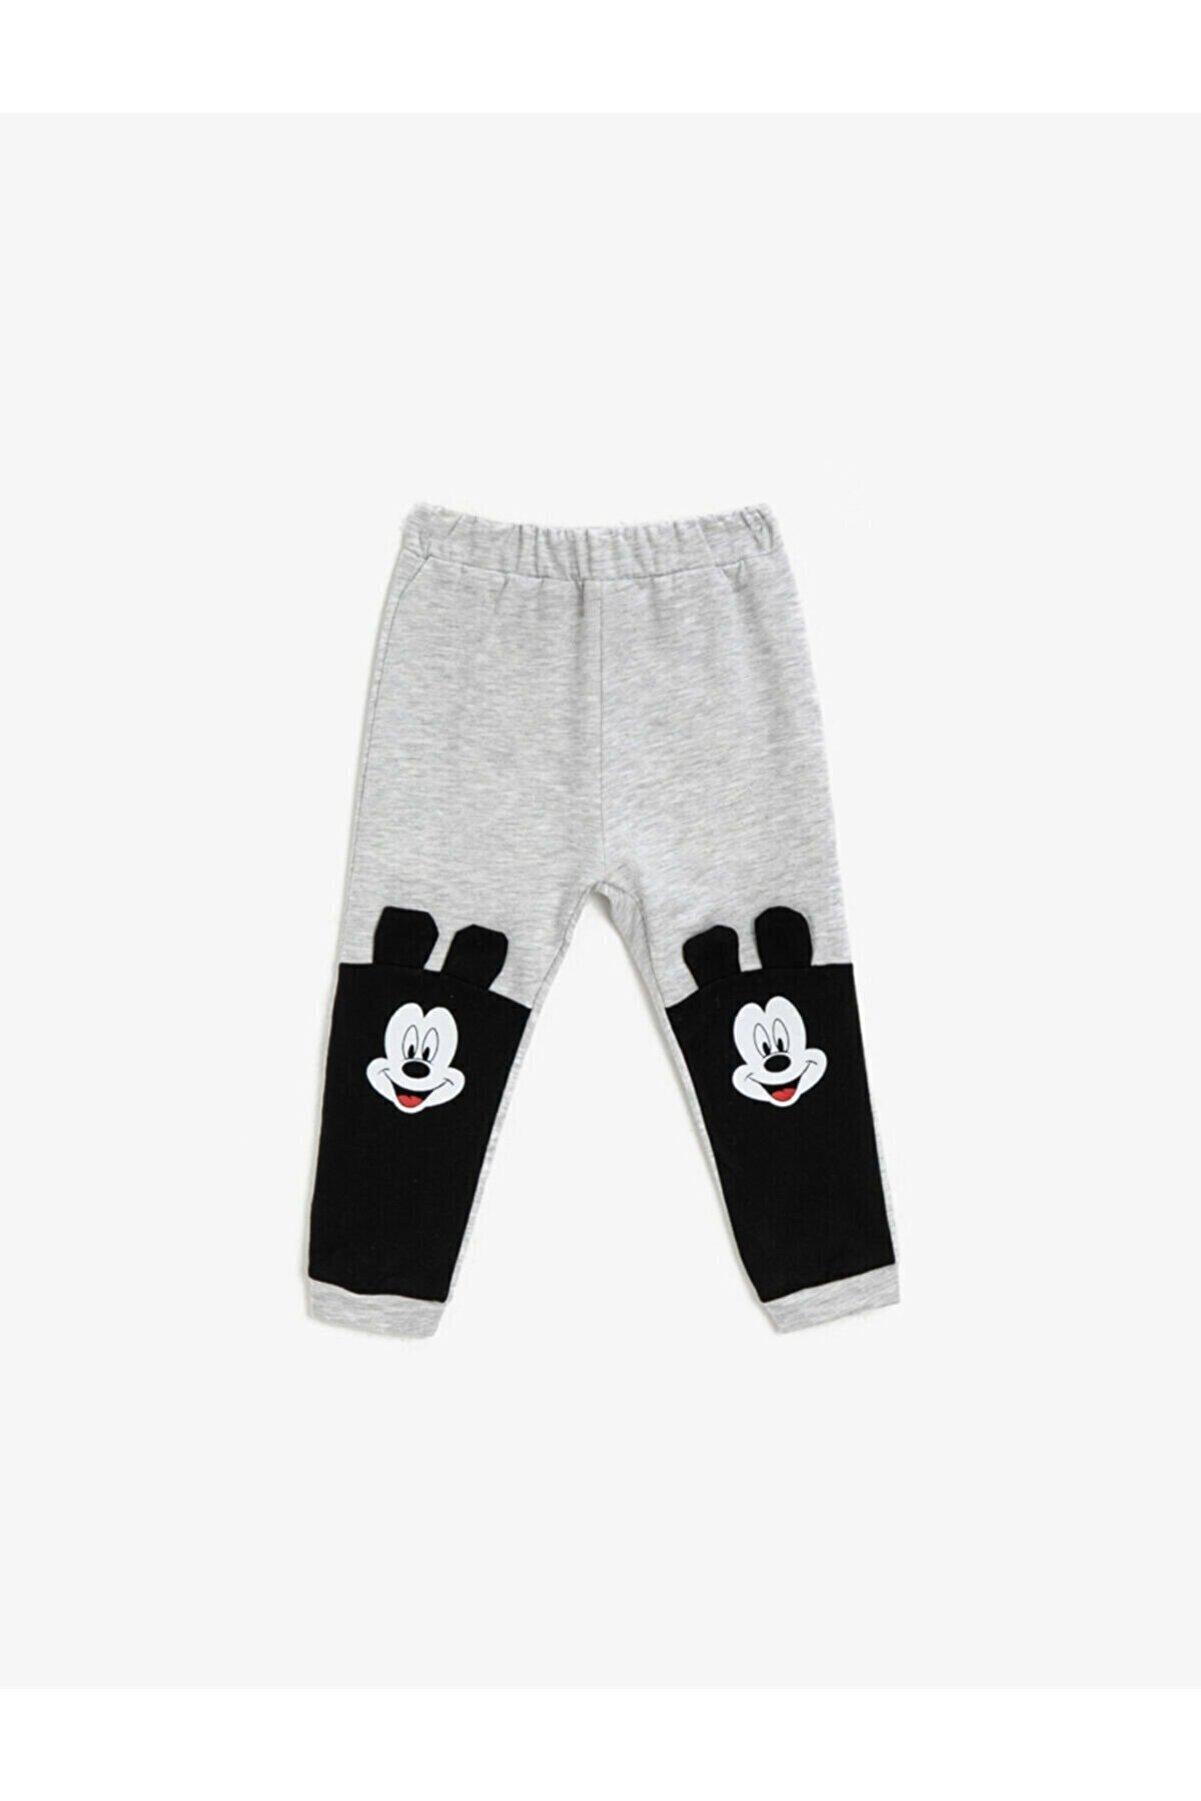 Koton Erkek Bebek Mickey Mouse Lisanslı Baskılı Gri Eşofman Alt 1kmb48393tk